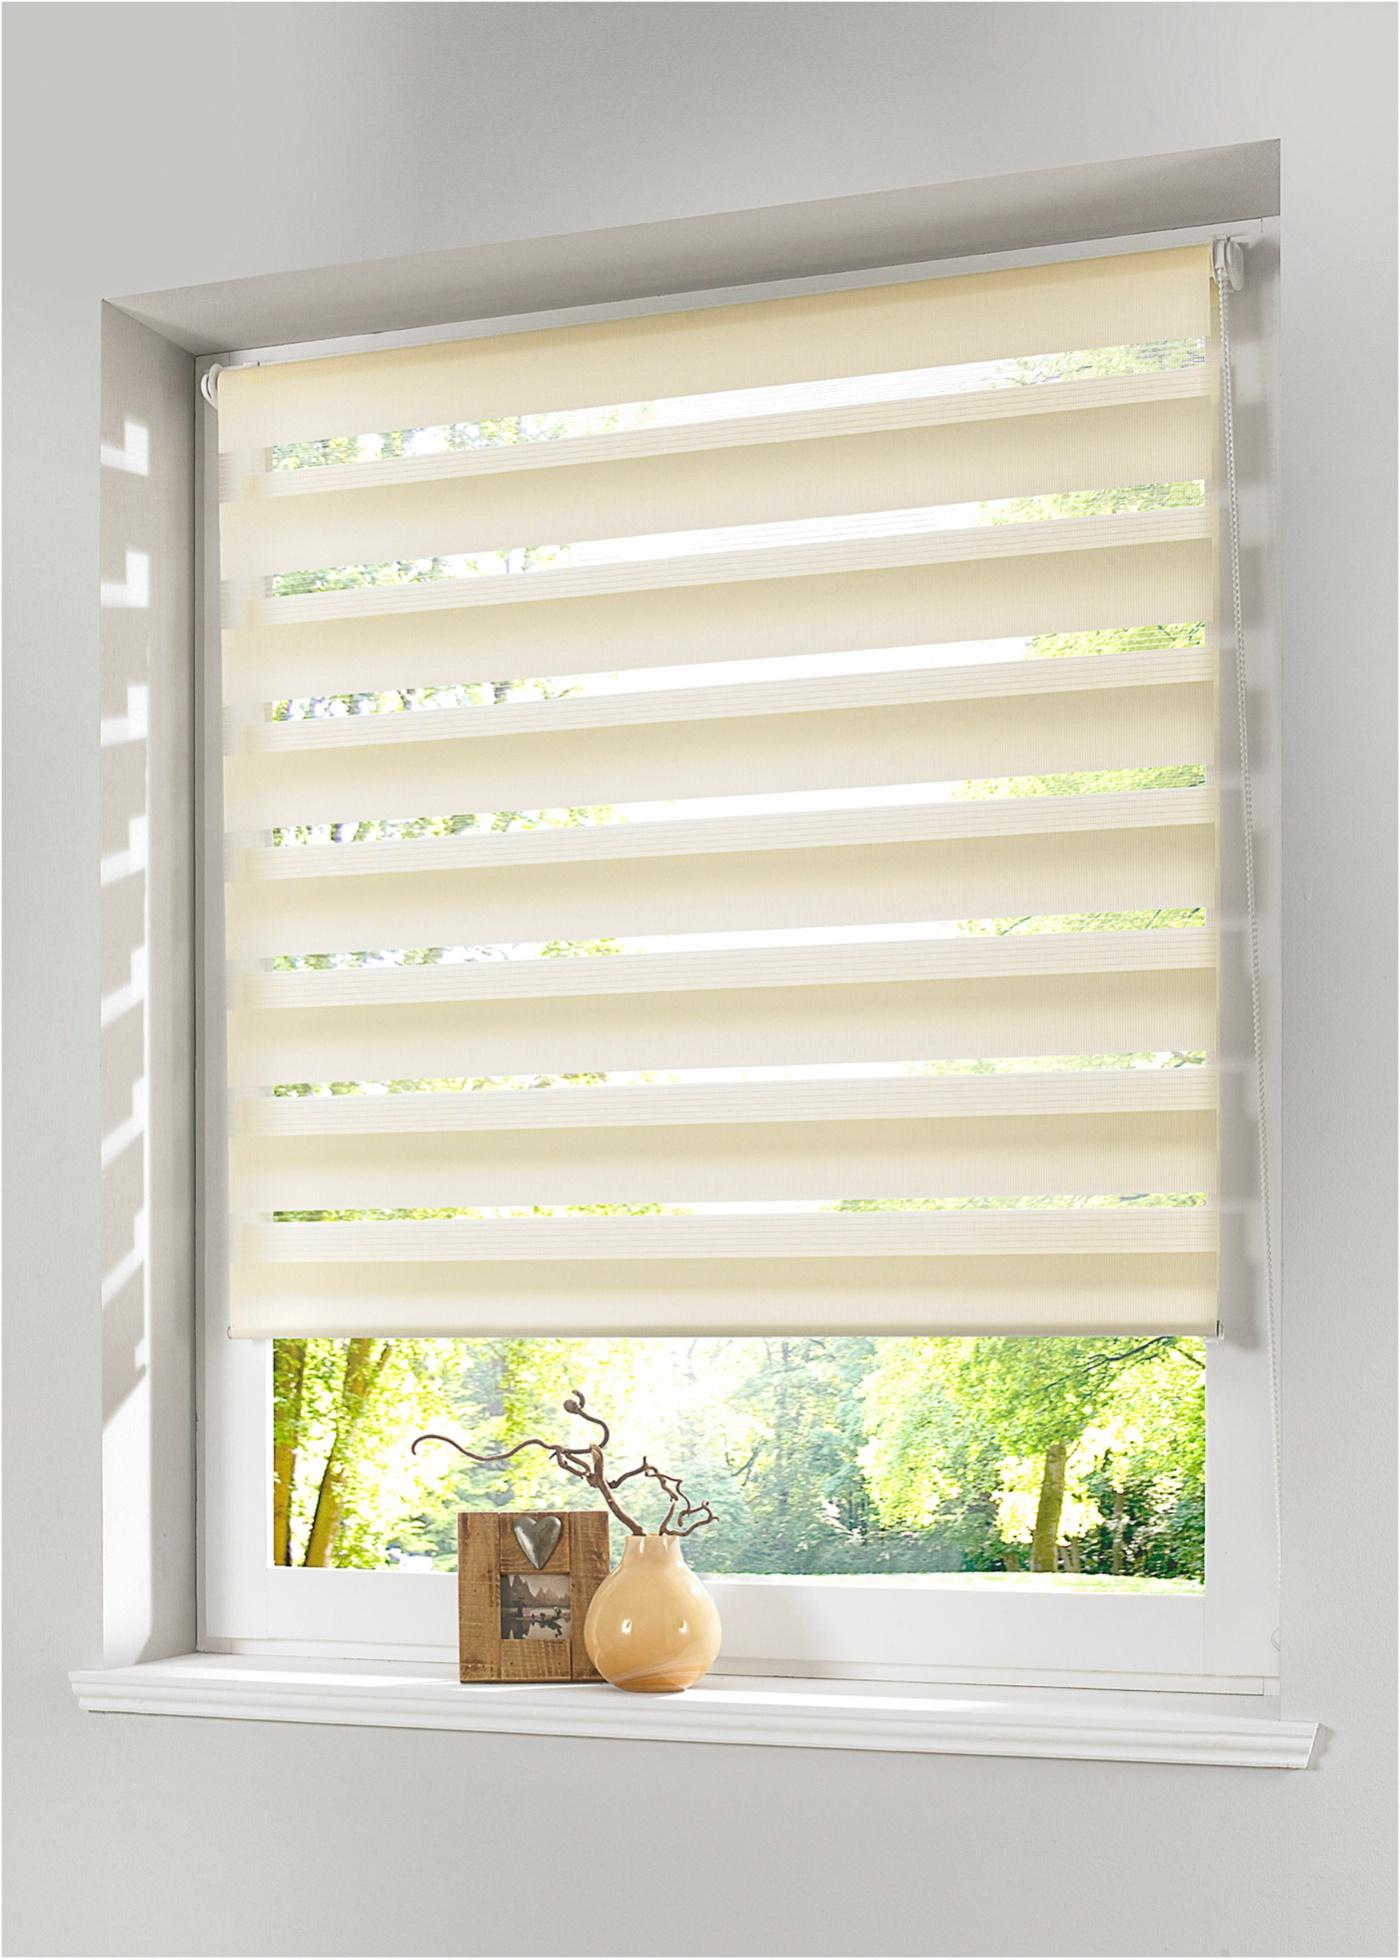 """Store double à clipser. Protège de la lumière sans occulter. Pose facile sans perceuse, avec supports de fixation sur le cadre de fenêtre (pour des cadres de fenêtre jusqu""""à 1,6 cm d""""épaisseur). Cordon sur la droite, les deux bandes de tissu se"""